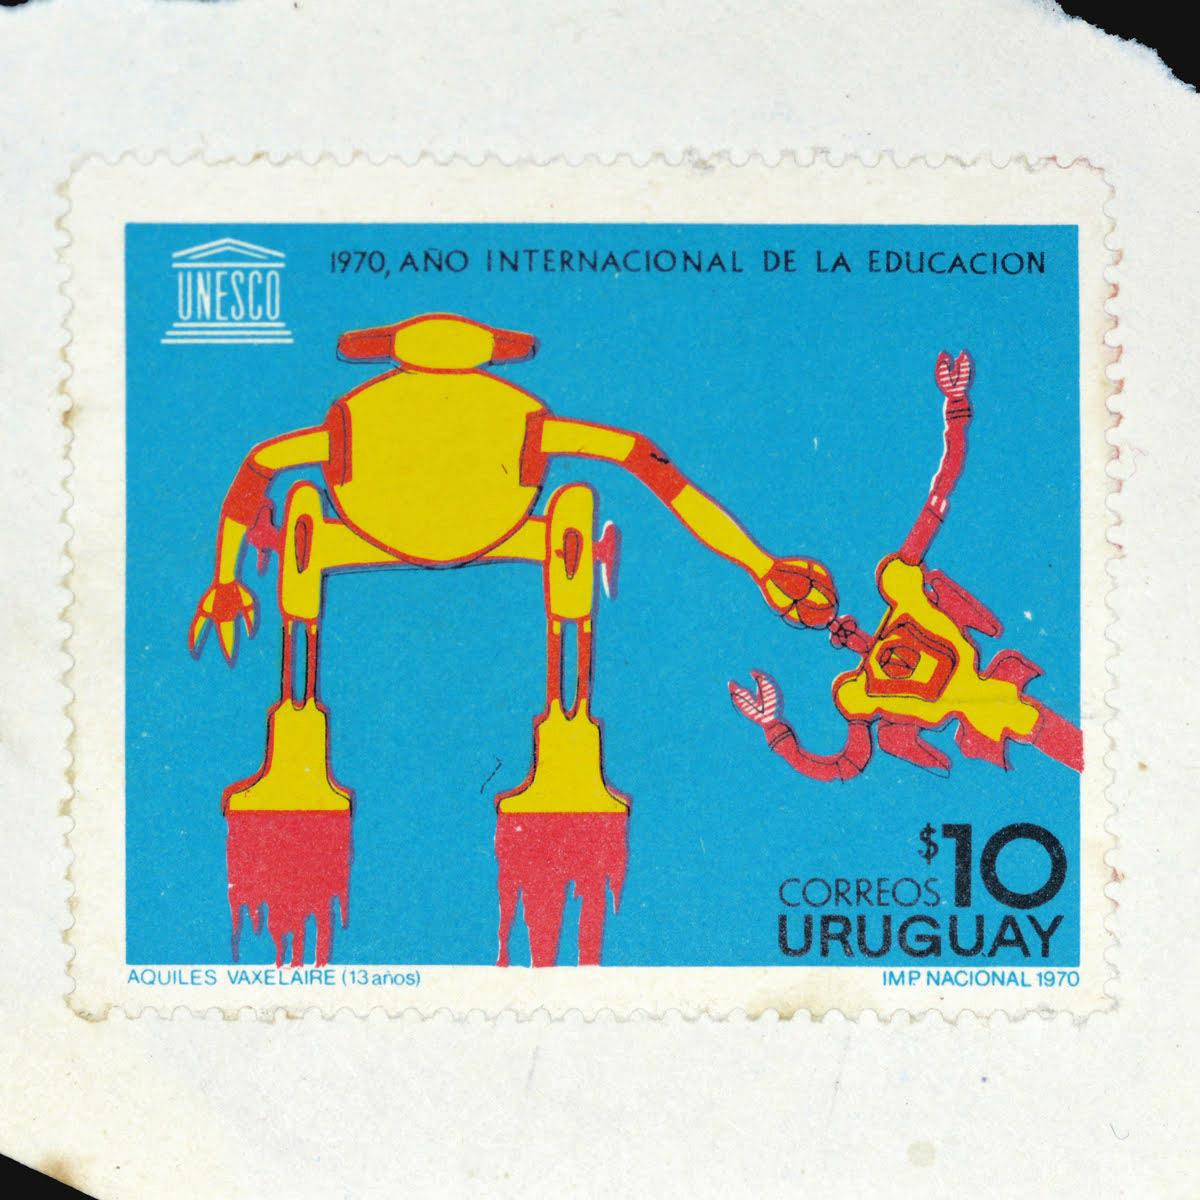 Slanted-1200px-Año-Internacional-de-la-Educación-✺-International-Year-of-Education-✺-Aquiles-Vaxelaire-✺-$10-✺-1970